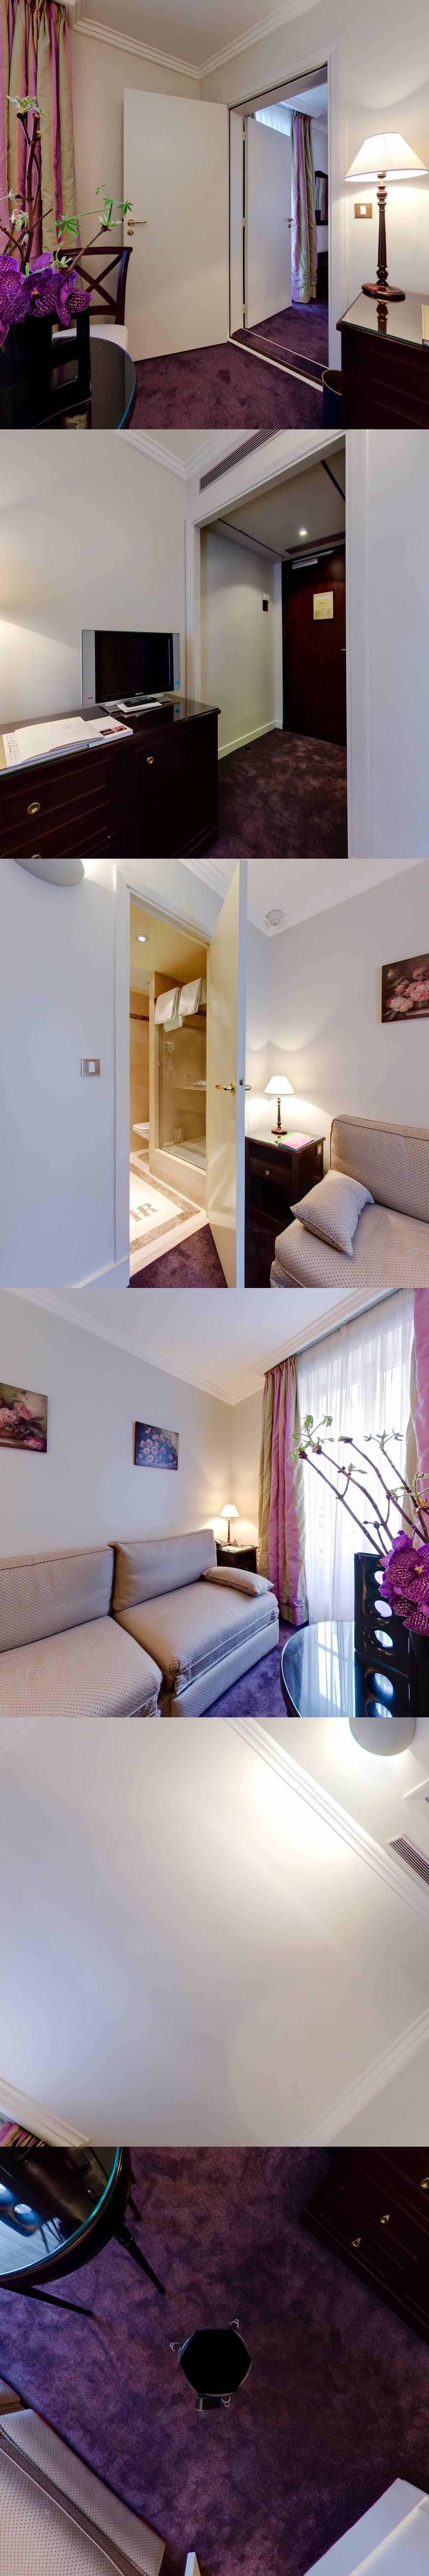 Hotel Royal Saint Honore Paris